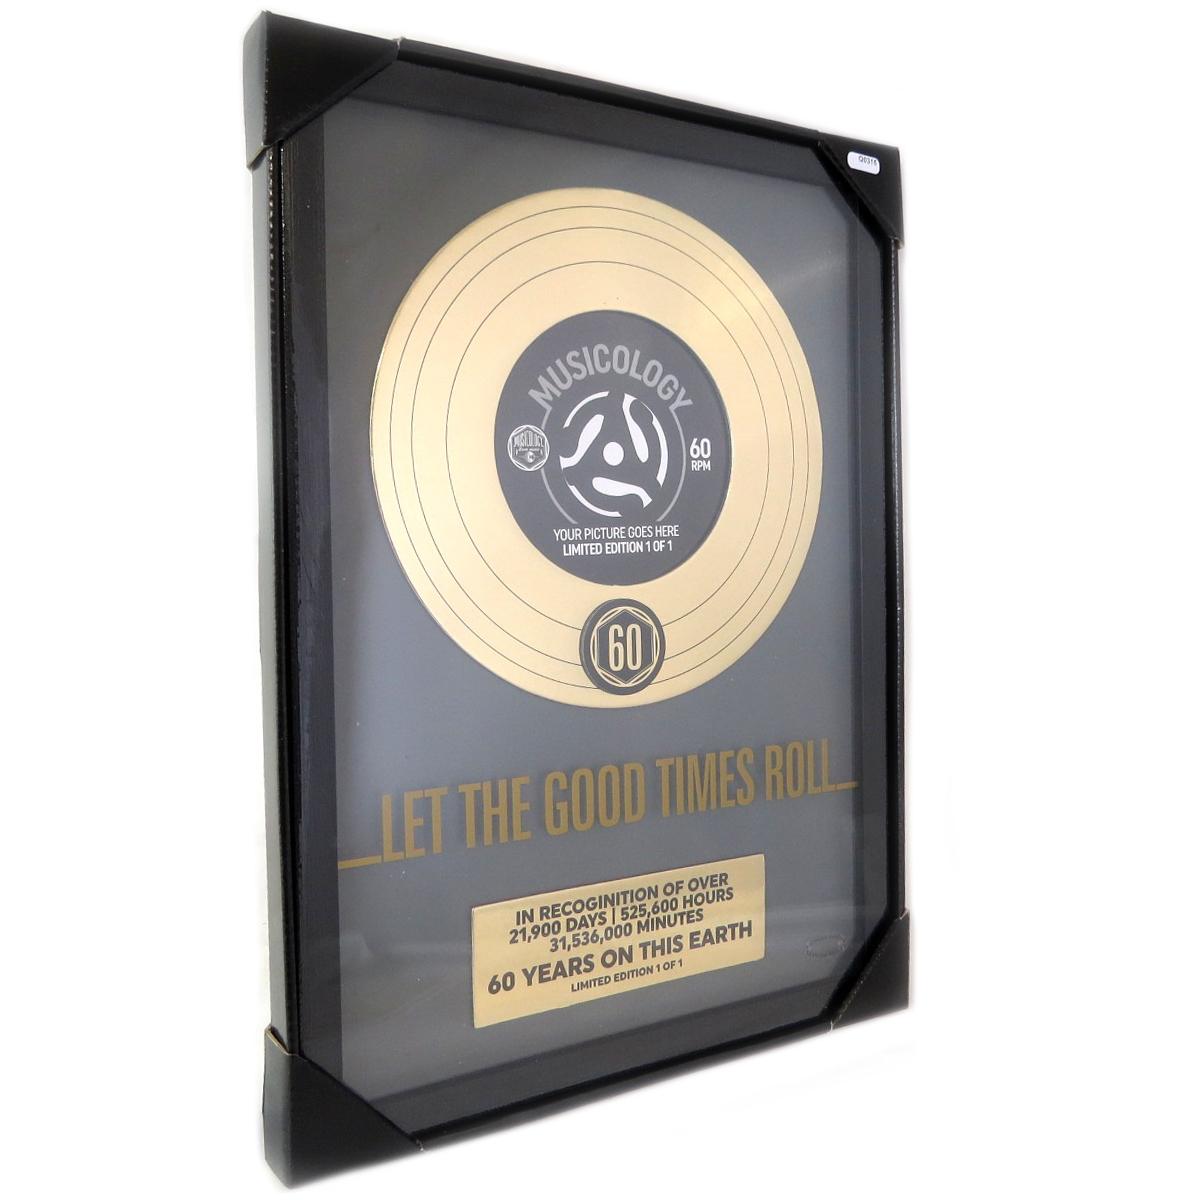 Cadre disque d\'or \'60 ans\' (Let the good times roll) noir doré - 43x30x25 cm - [Q0315]